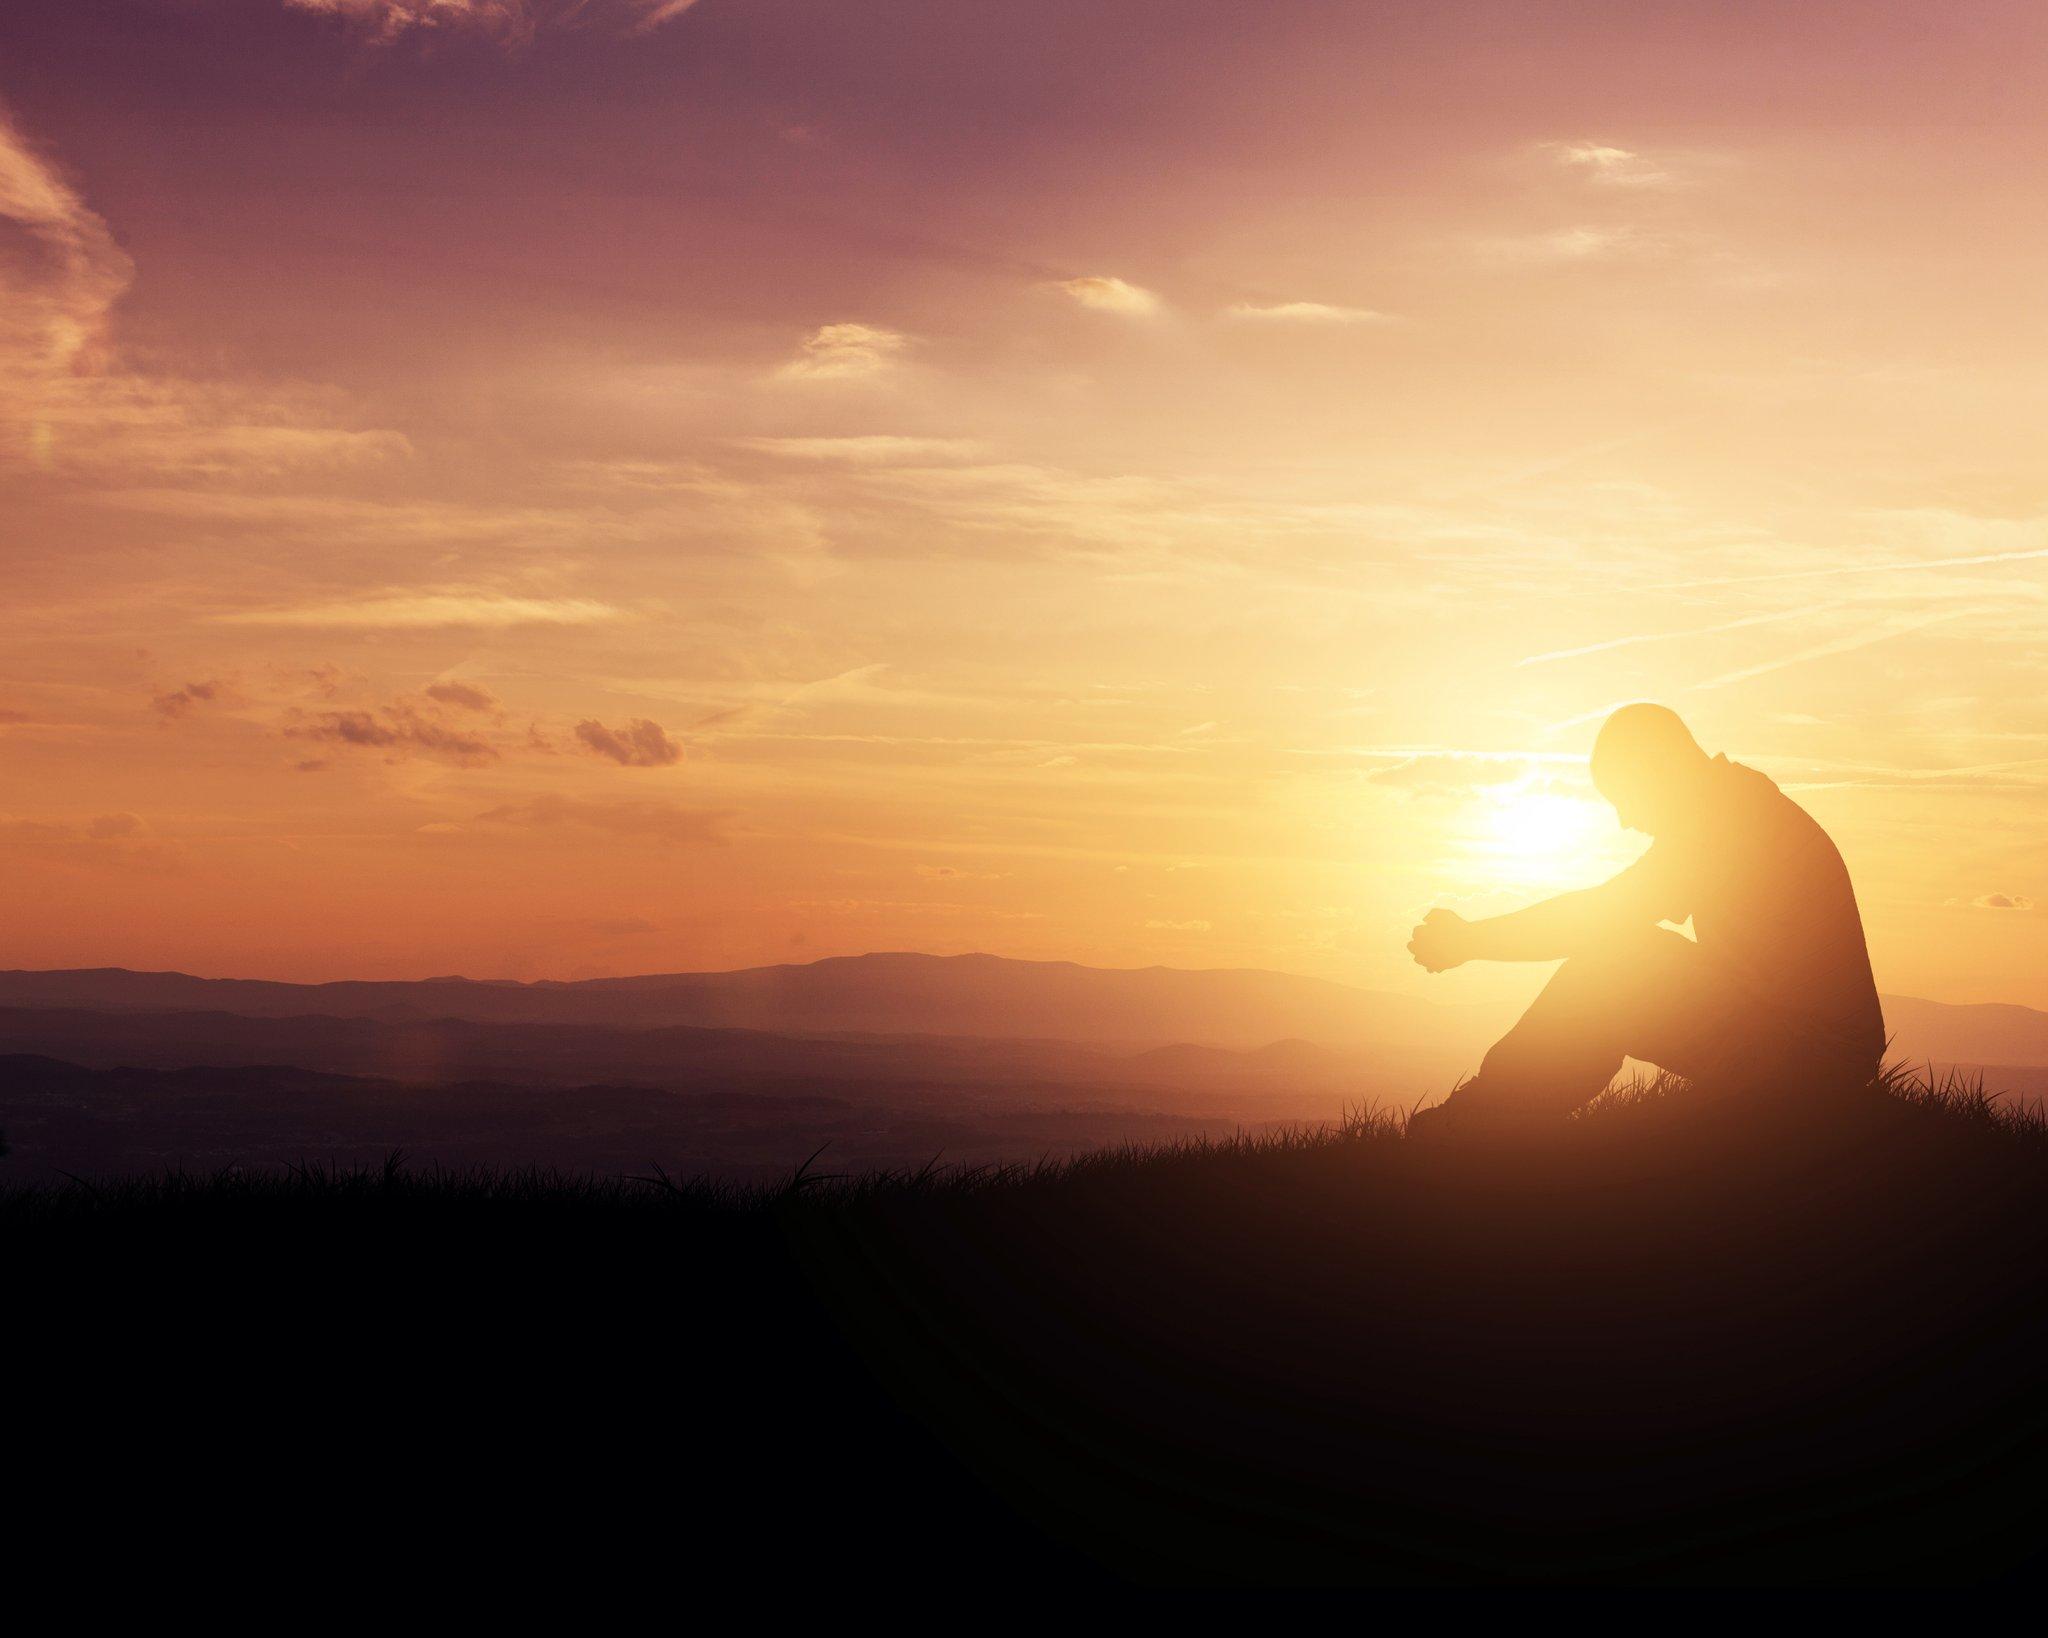 Проси у Господа мудрости и силы…